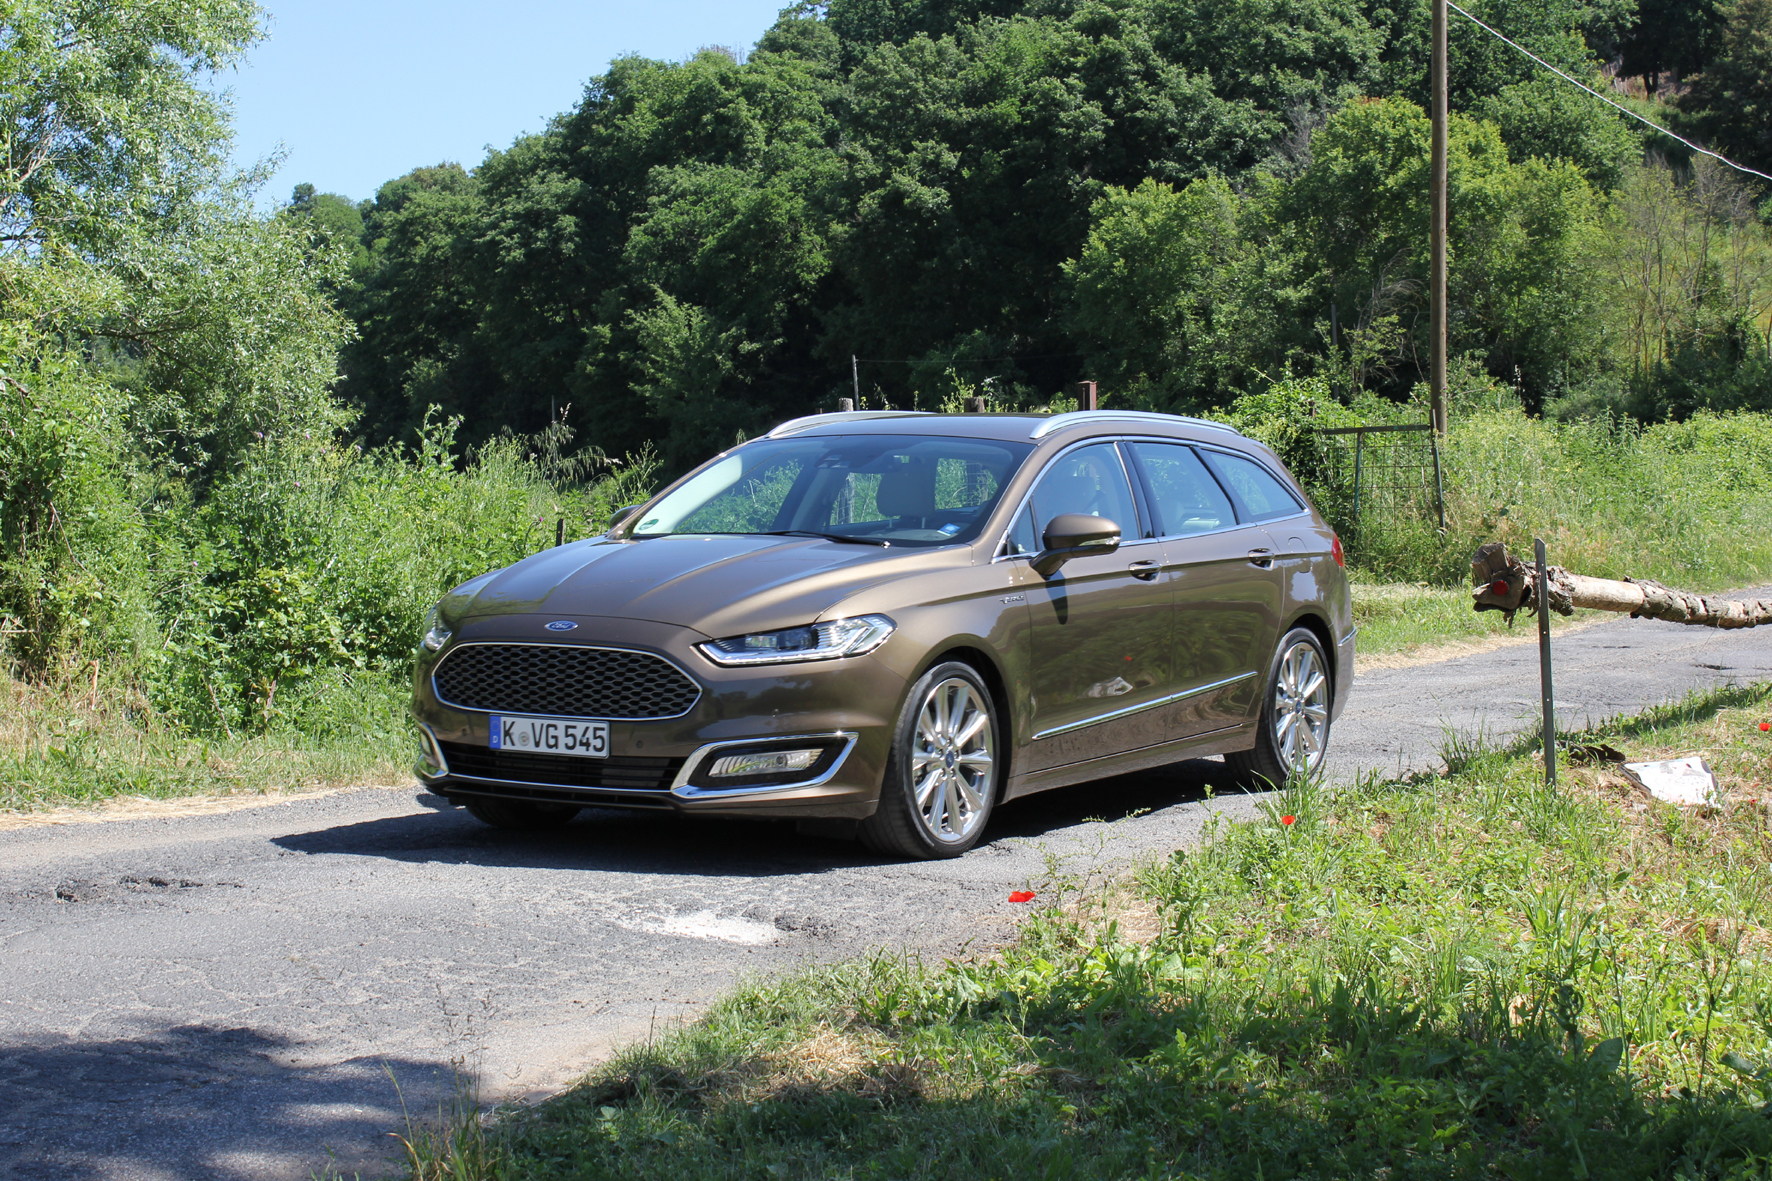 mid Köln - Mehr Luxus durch mehr Ruhe: Ford setzt beim Vignale-Spitzenmodell des Mondeo jetzt eine Technik ein, die Störgeräusche im Auto reduziert.